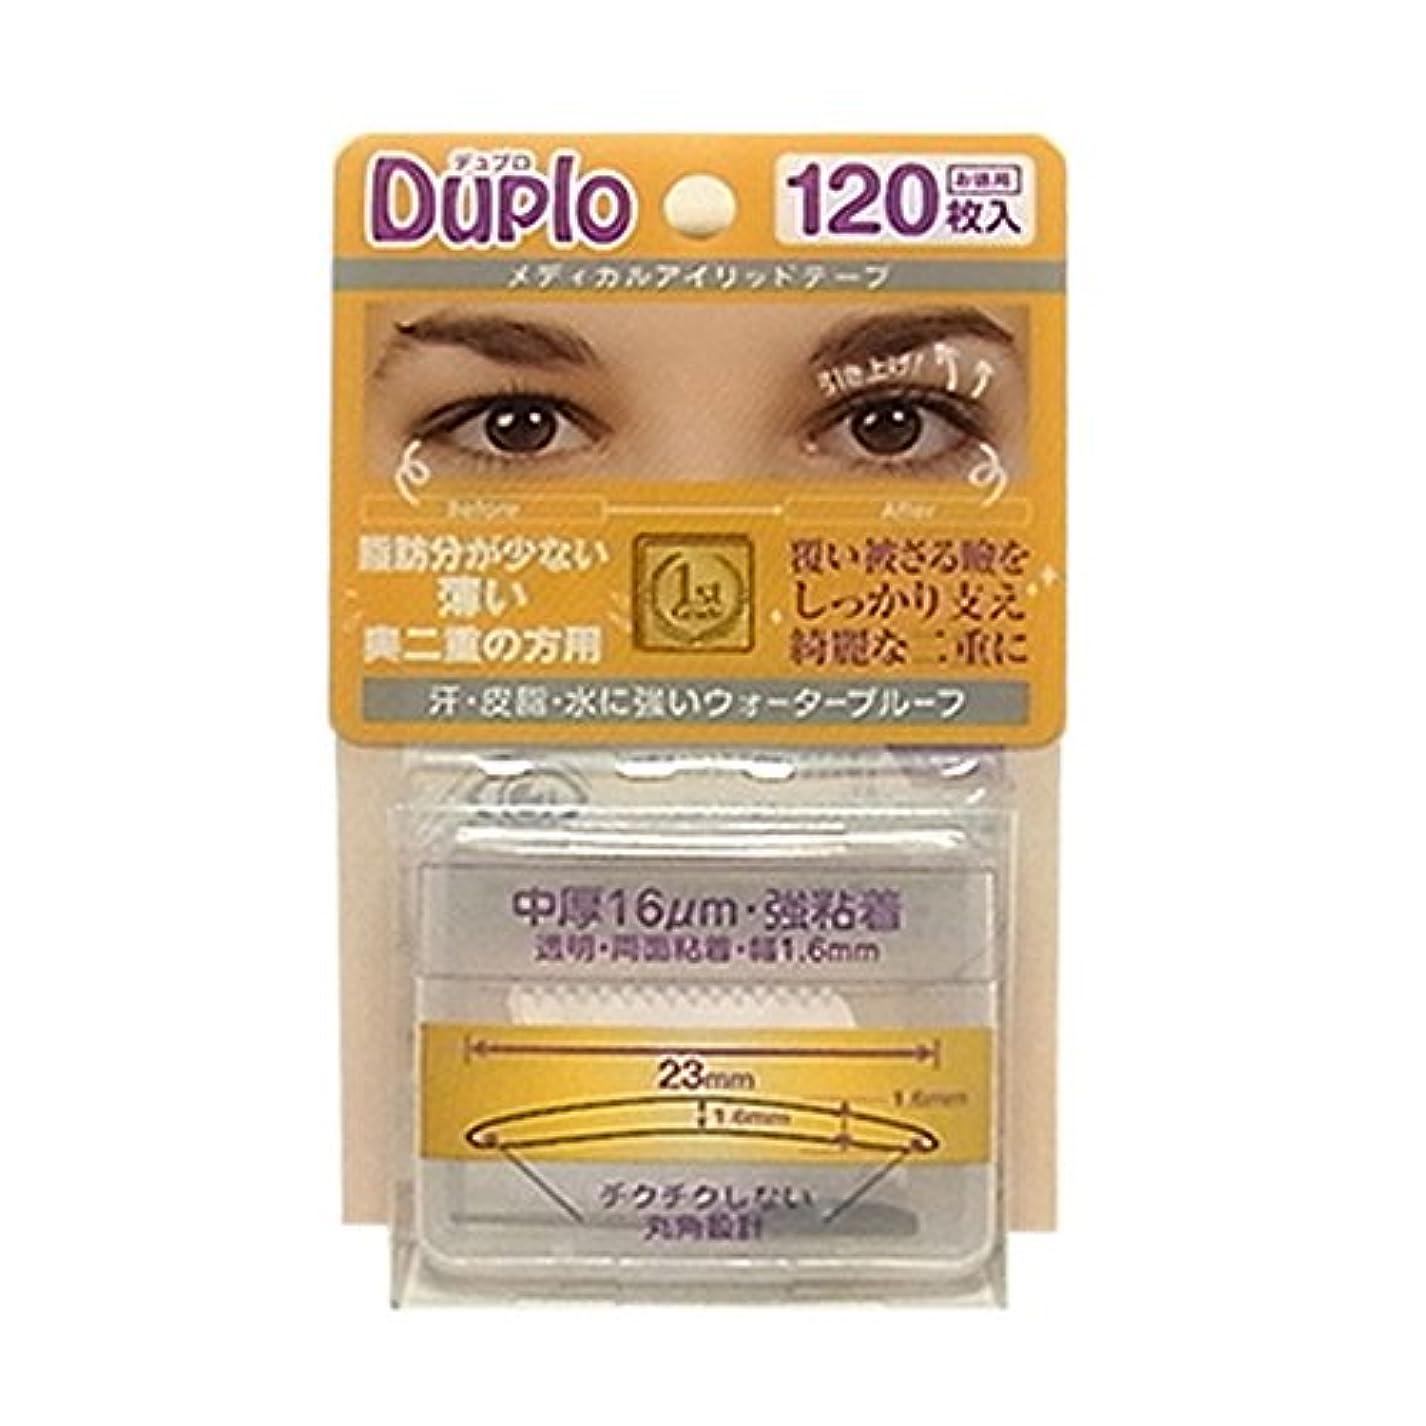 寄付するカリングバルーンDuplo デュプロ メディカルアイリッドテープ 中厚 16μm 強粘着 (眼瞼下垂防止用テープ)透明?両面 120枚入